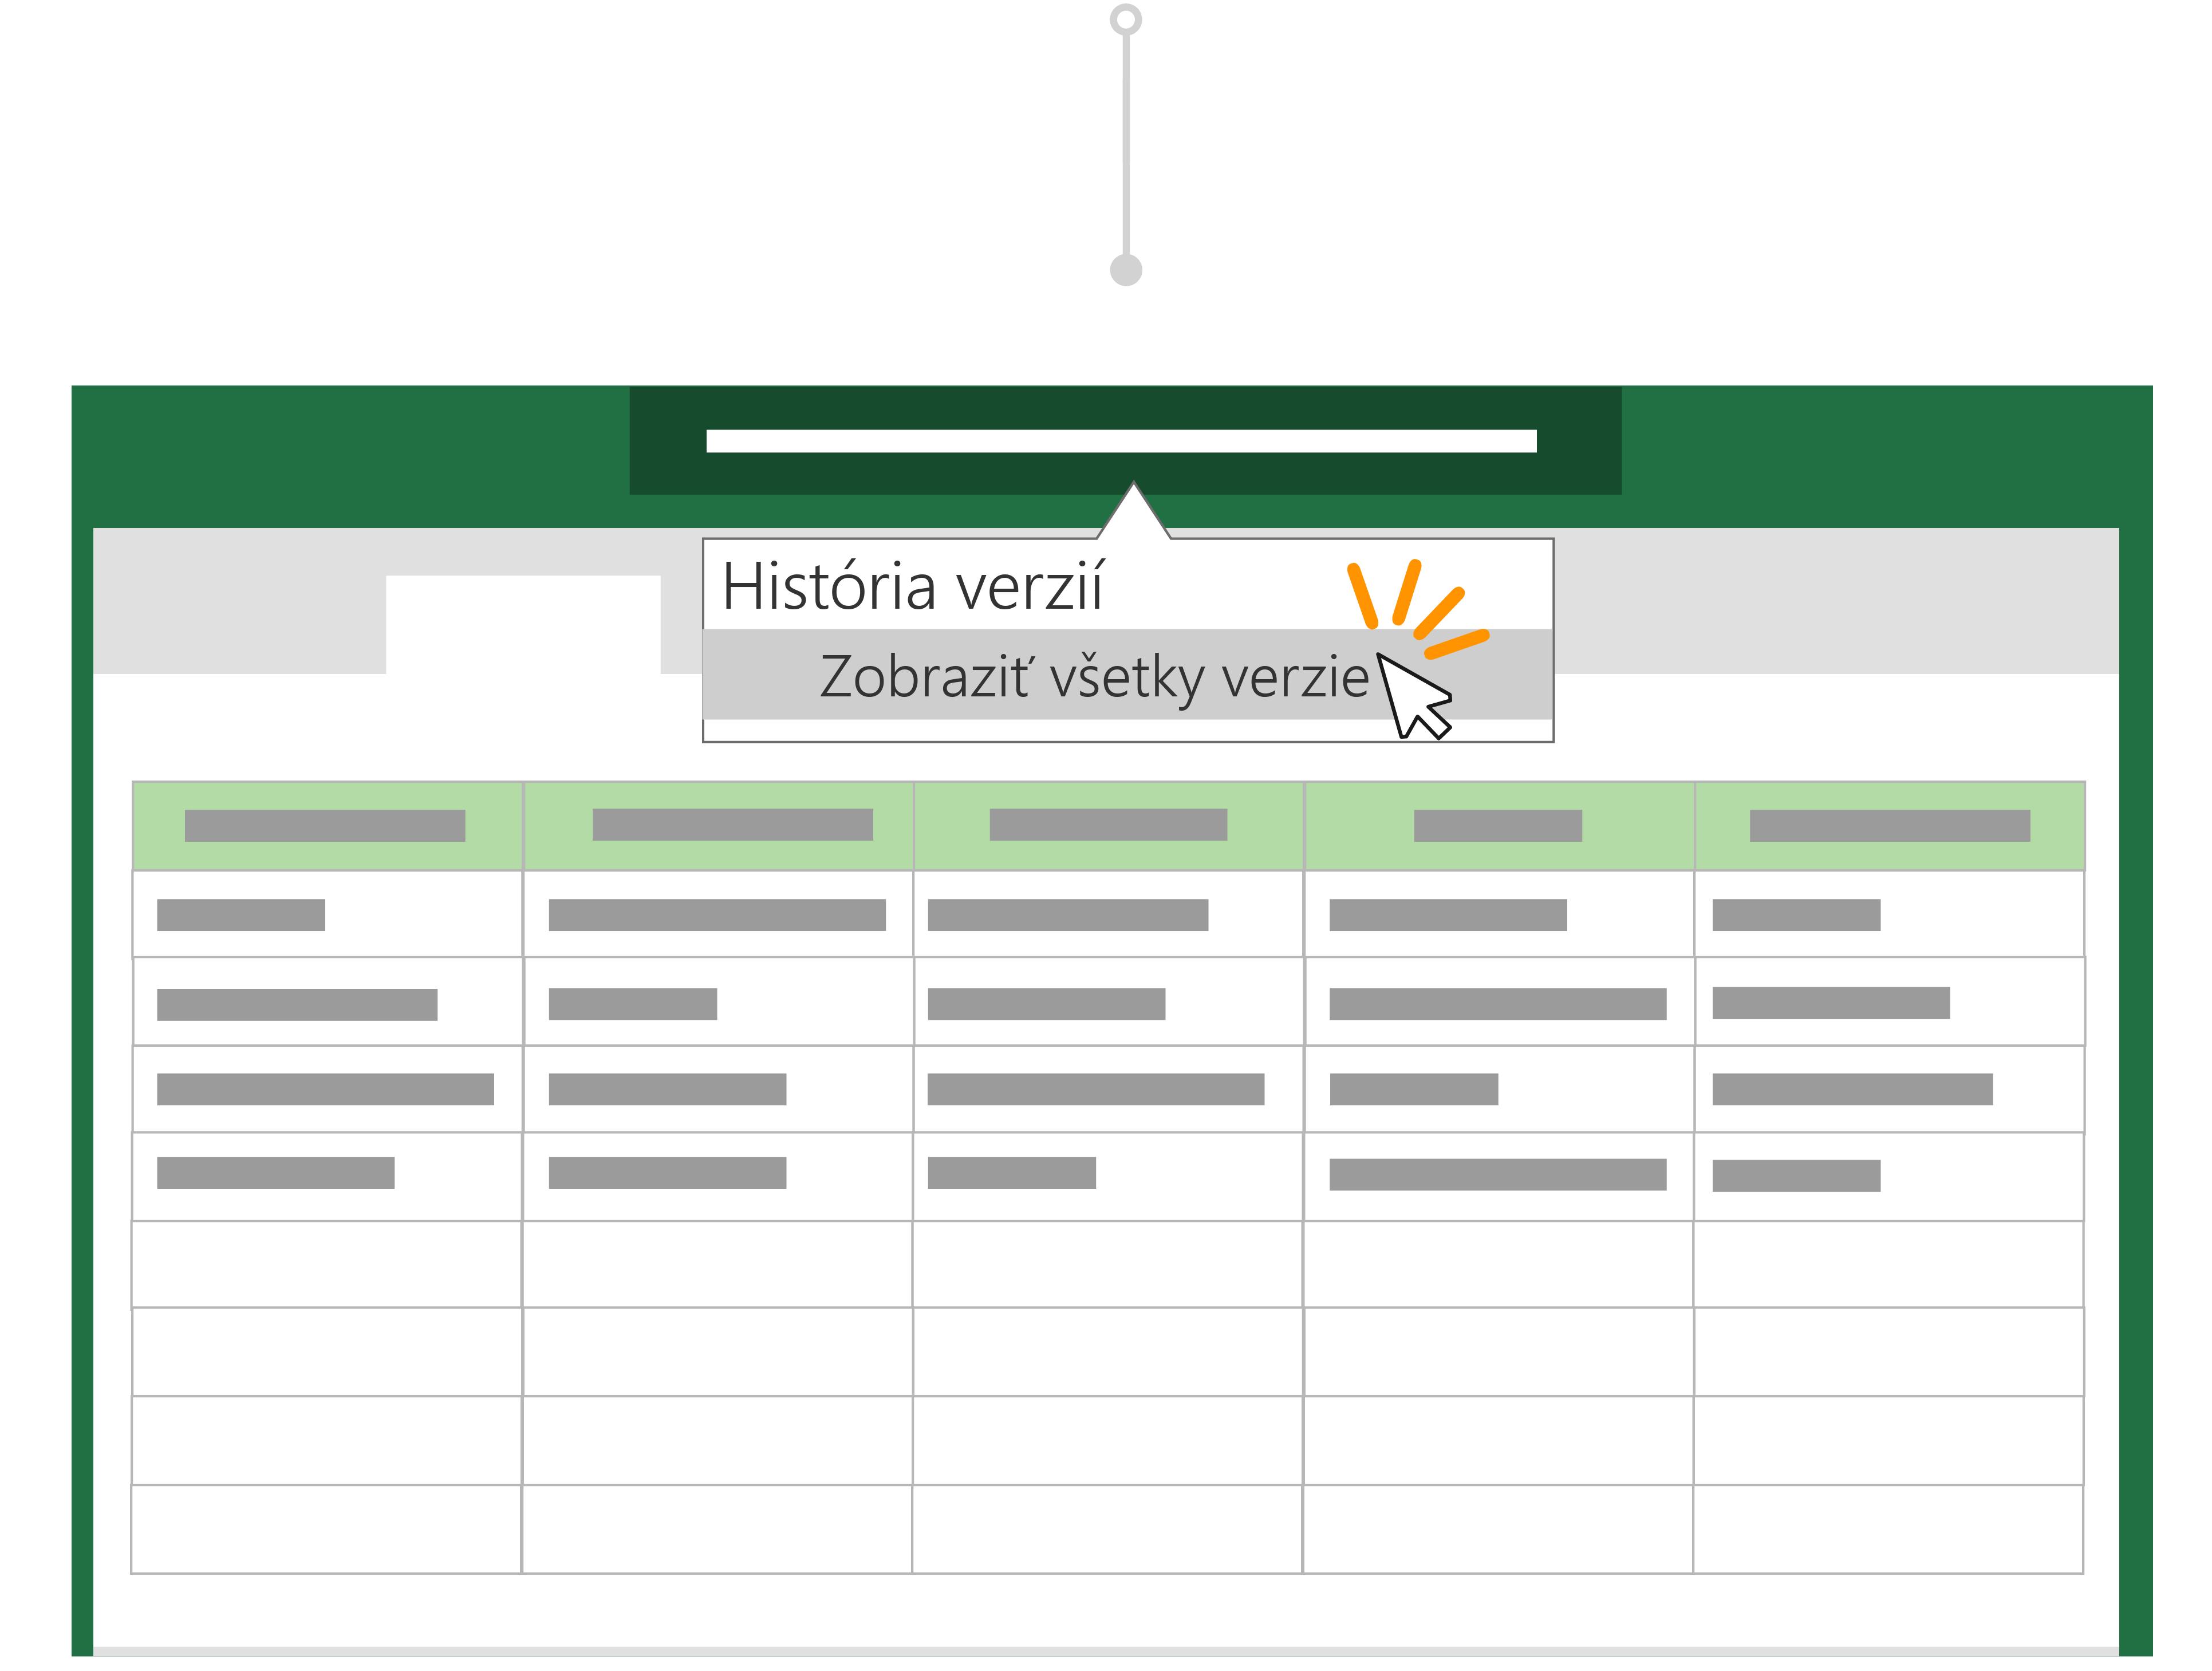 Pomocou histórie verzií sa vráťte na predchádzajúcu verziu súboru.